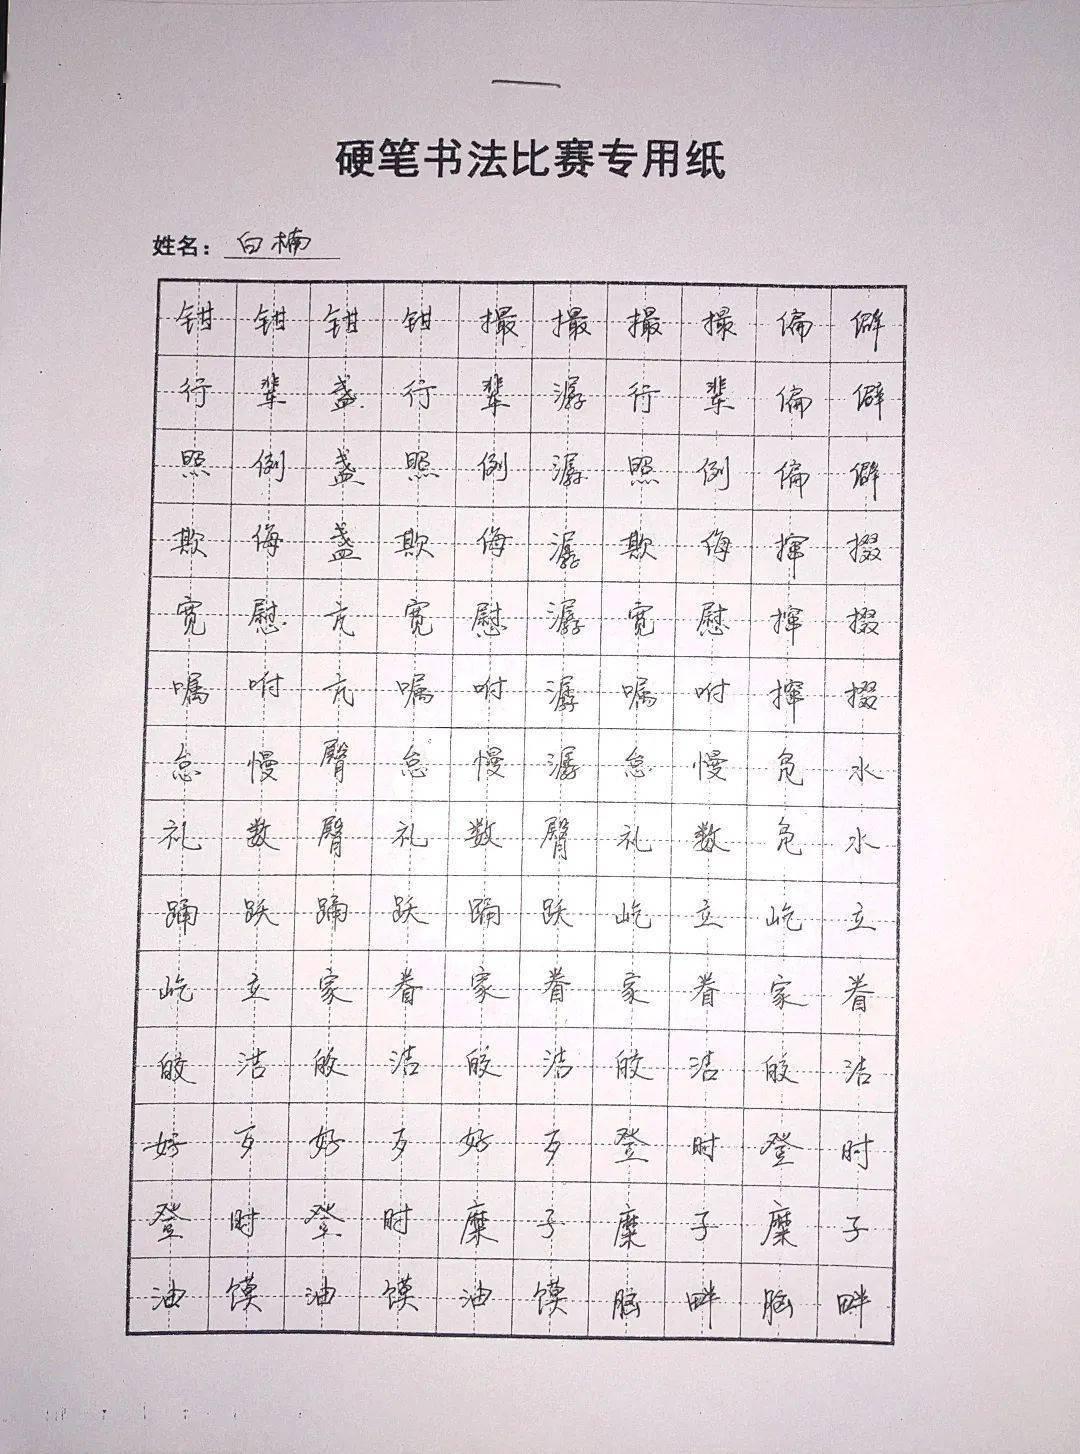 硬笔书法入门:零基础如何练字临帖?  硬笔书法如何读帖